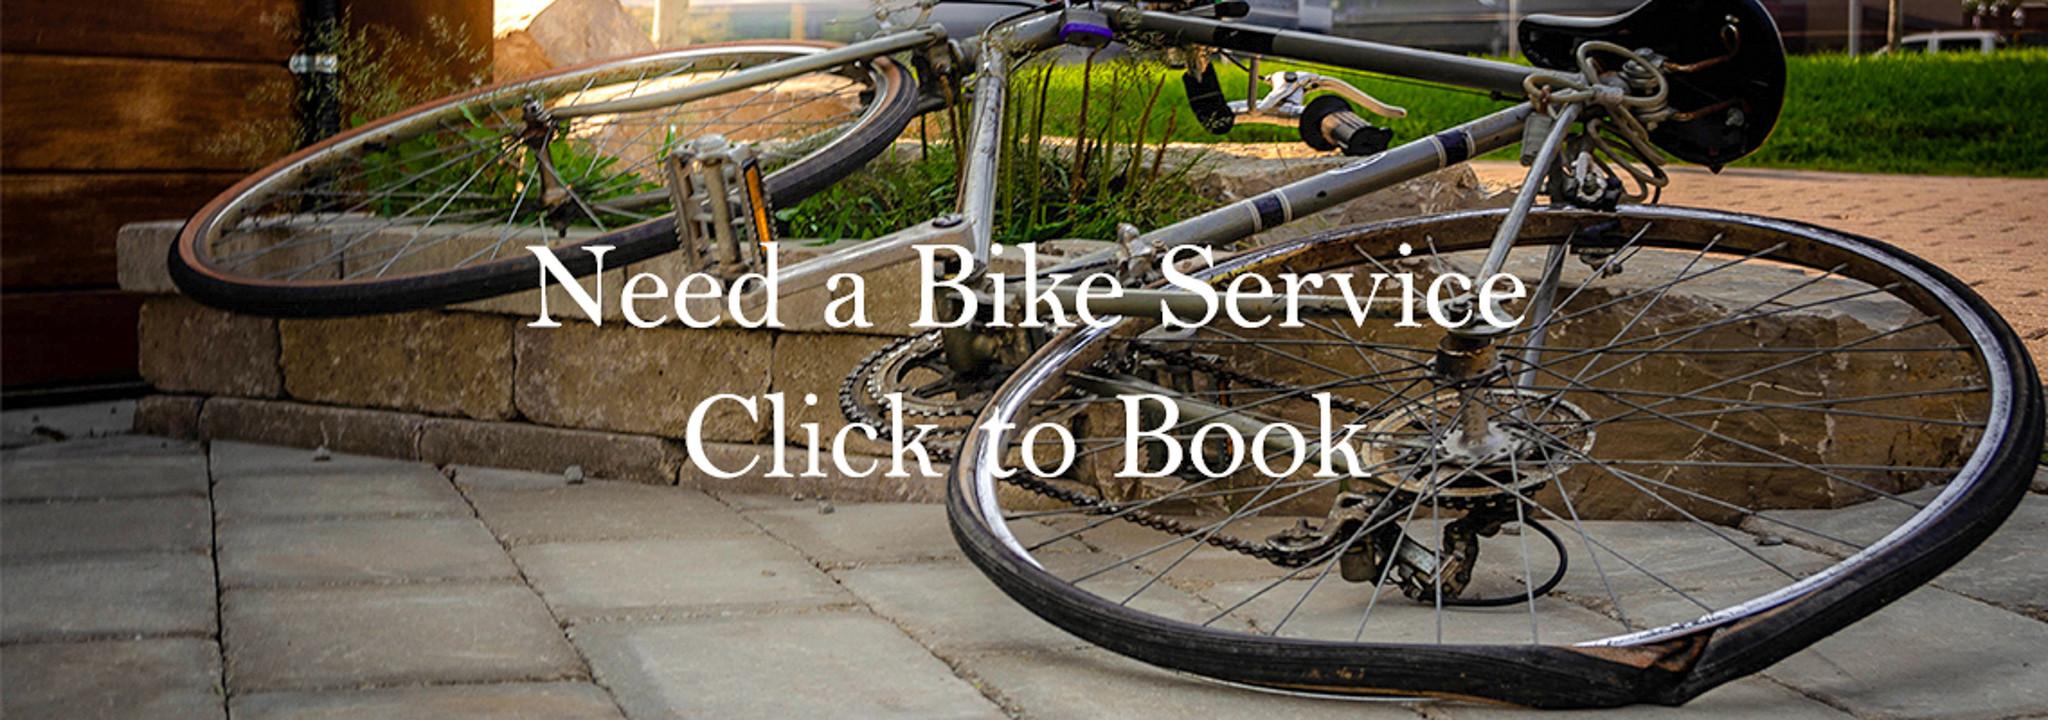 Book a bike service